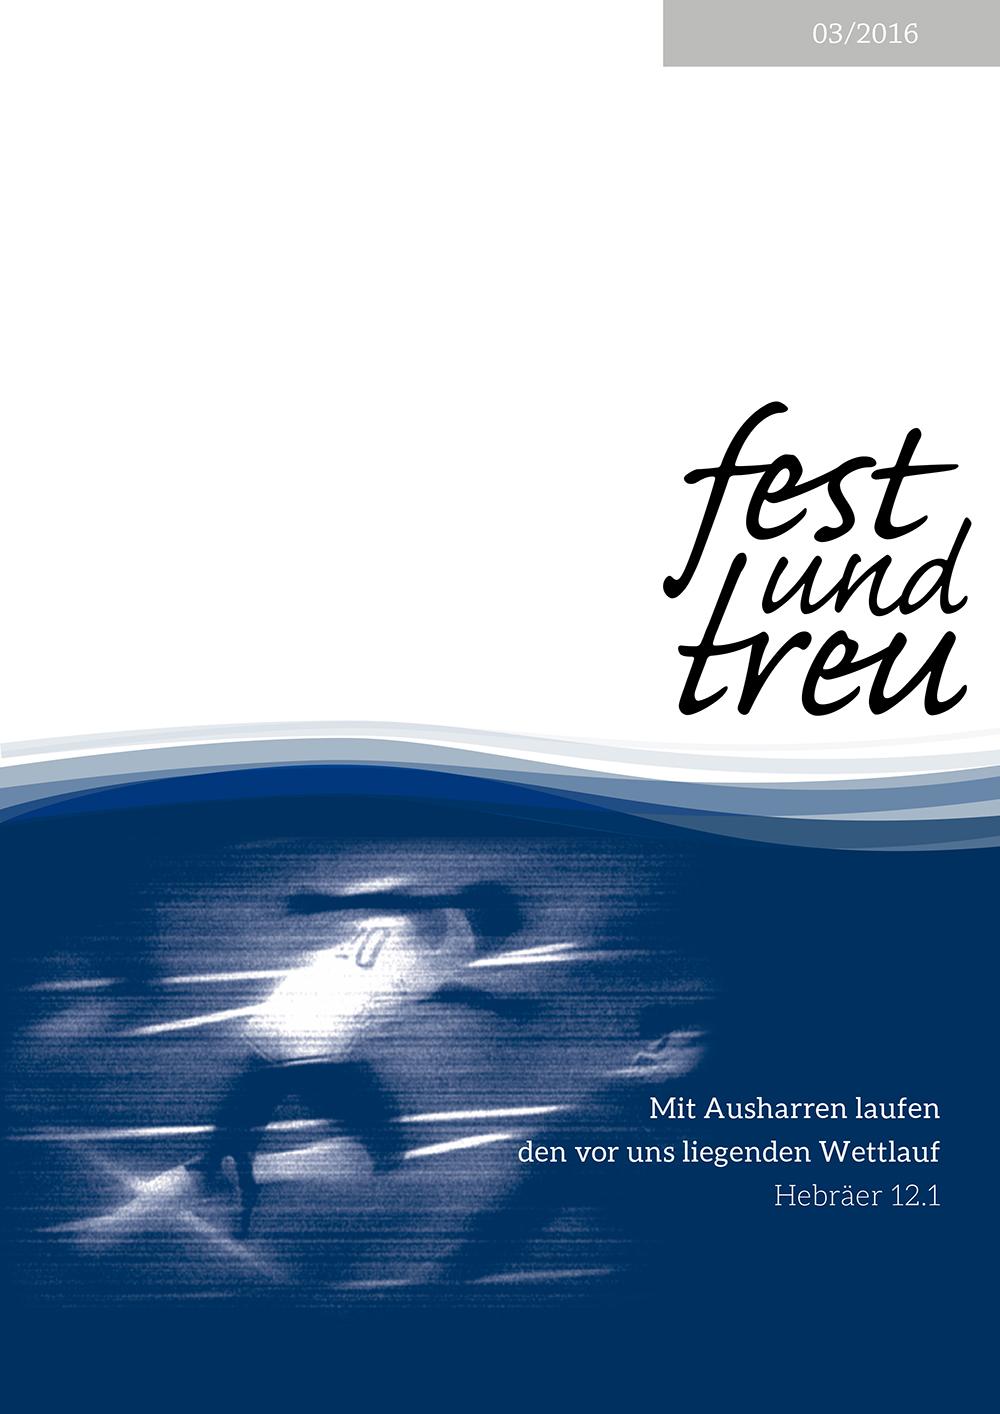 CLV_fest-treu-3-2016_2551603_1